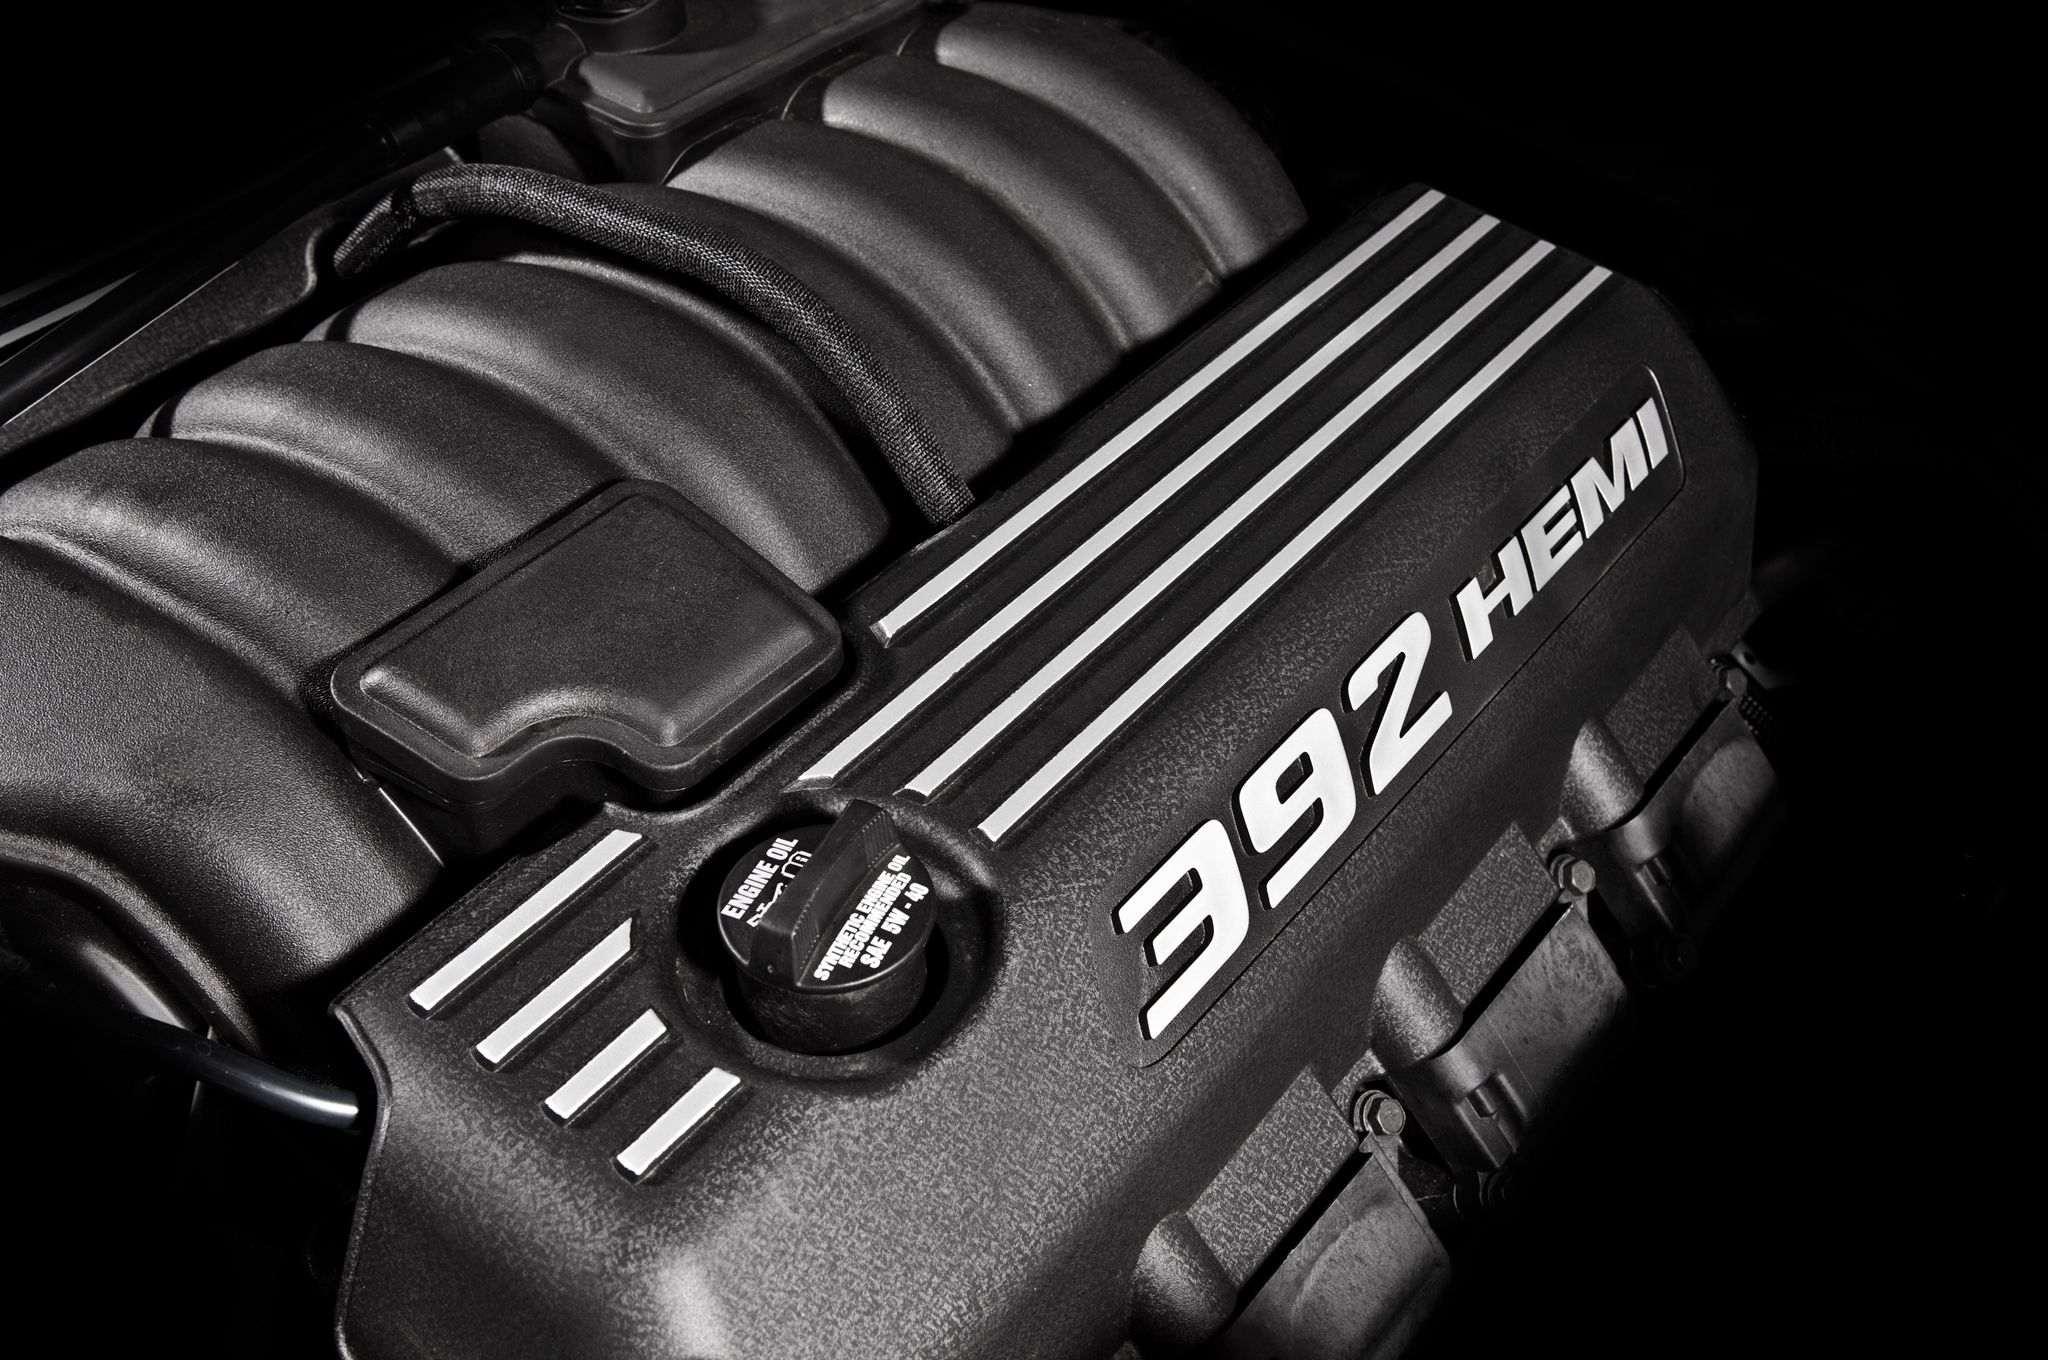 392-hemi-v8-engine